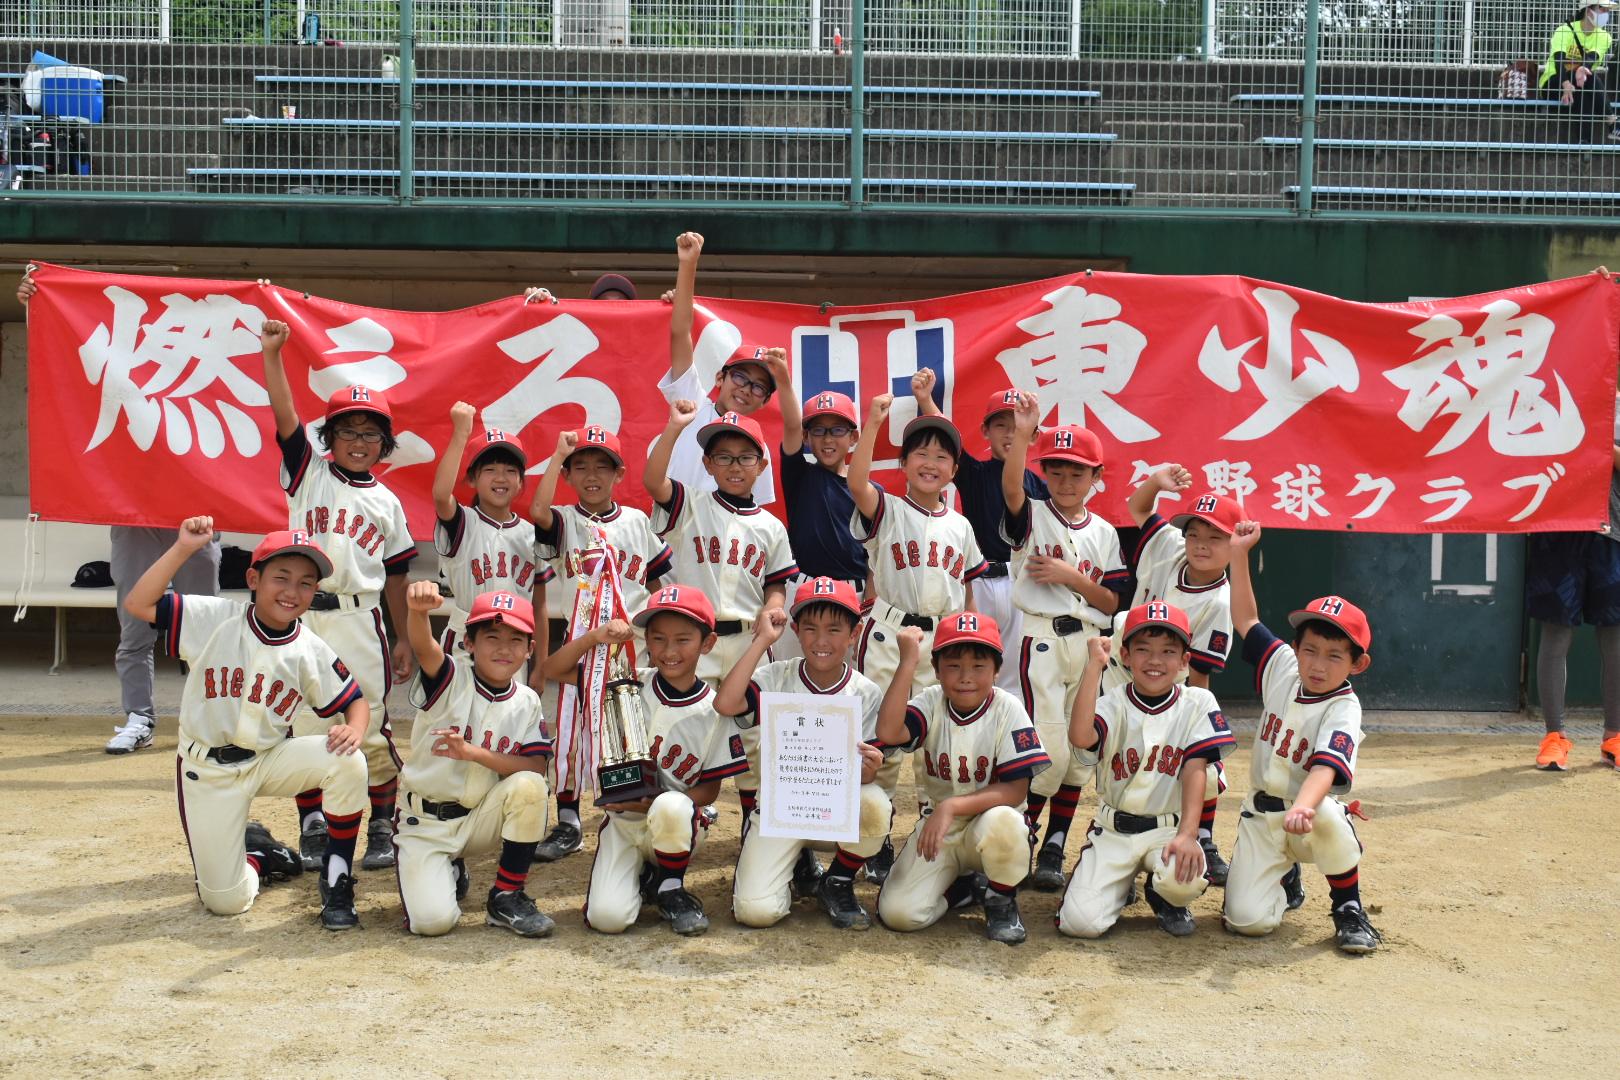 【Bチーム】第28回キッズ杯大会 (4年生以下) | 2021.7.10(土)